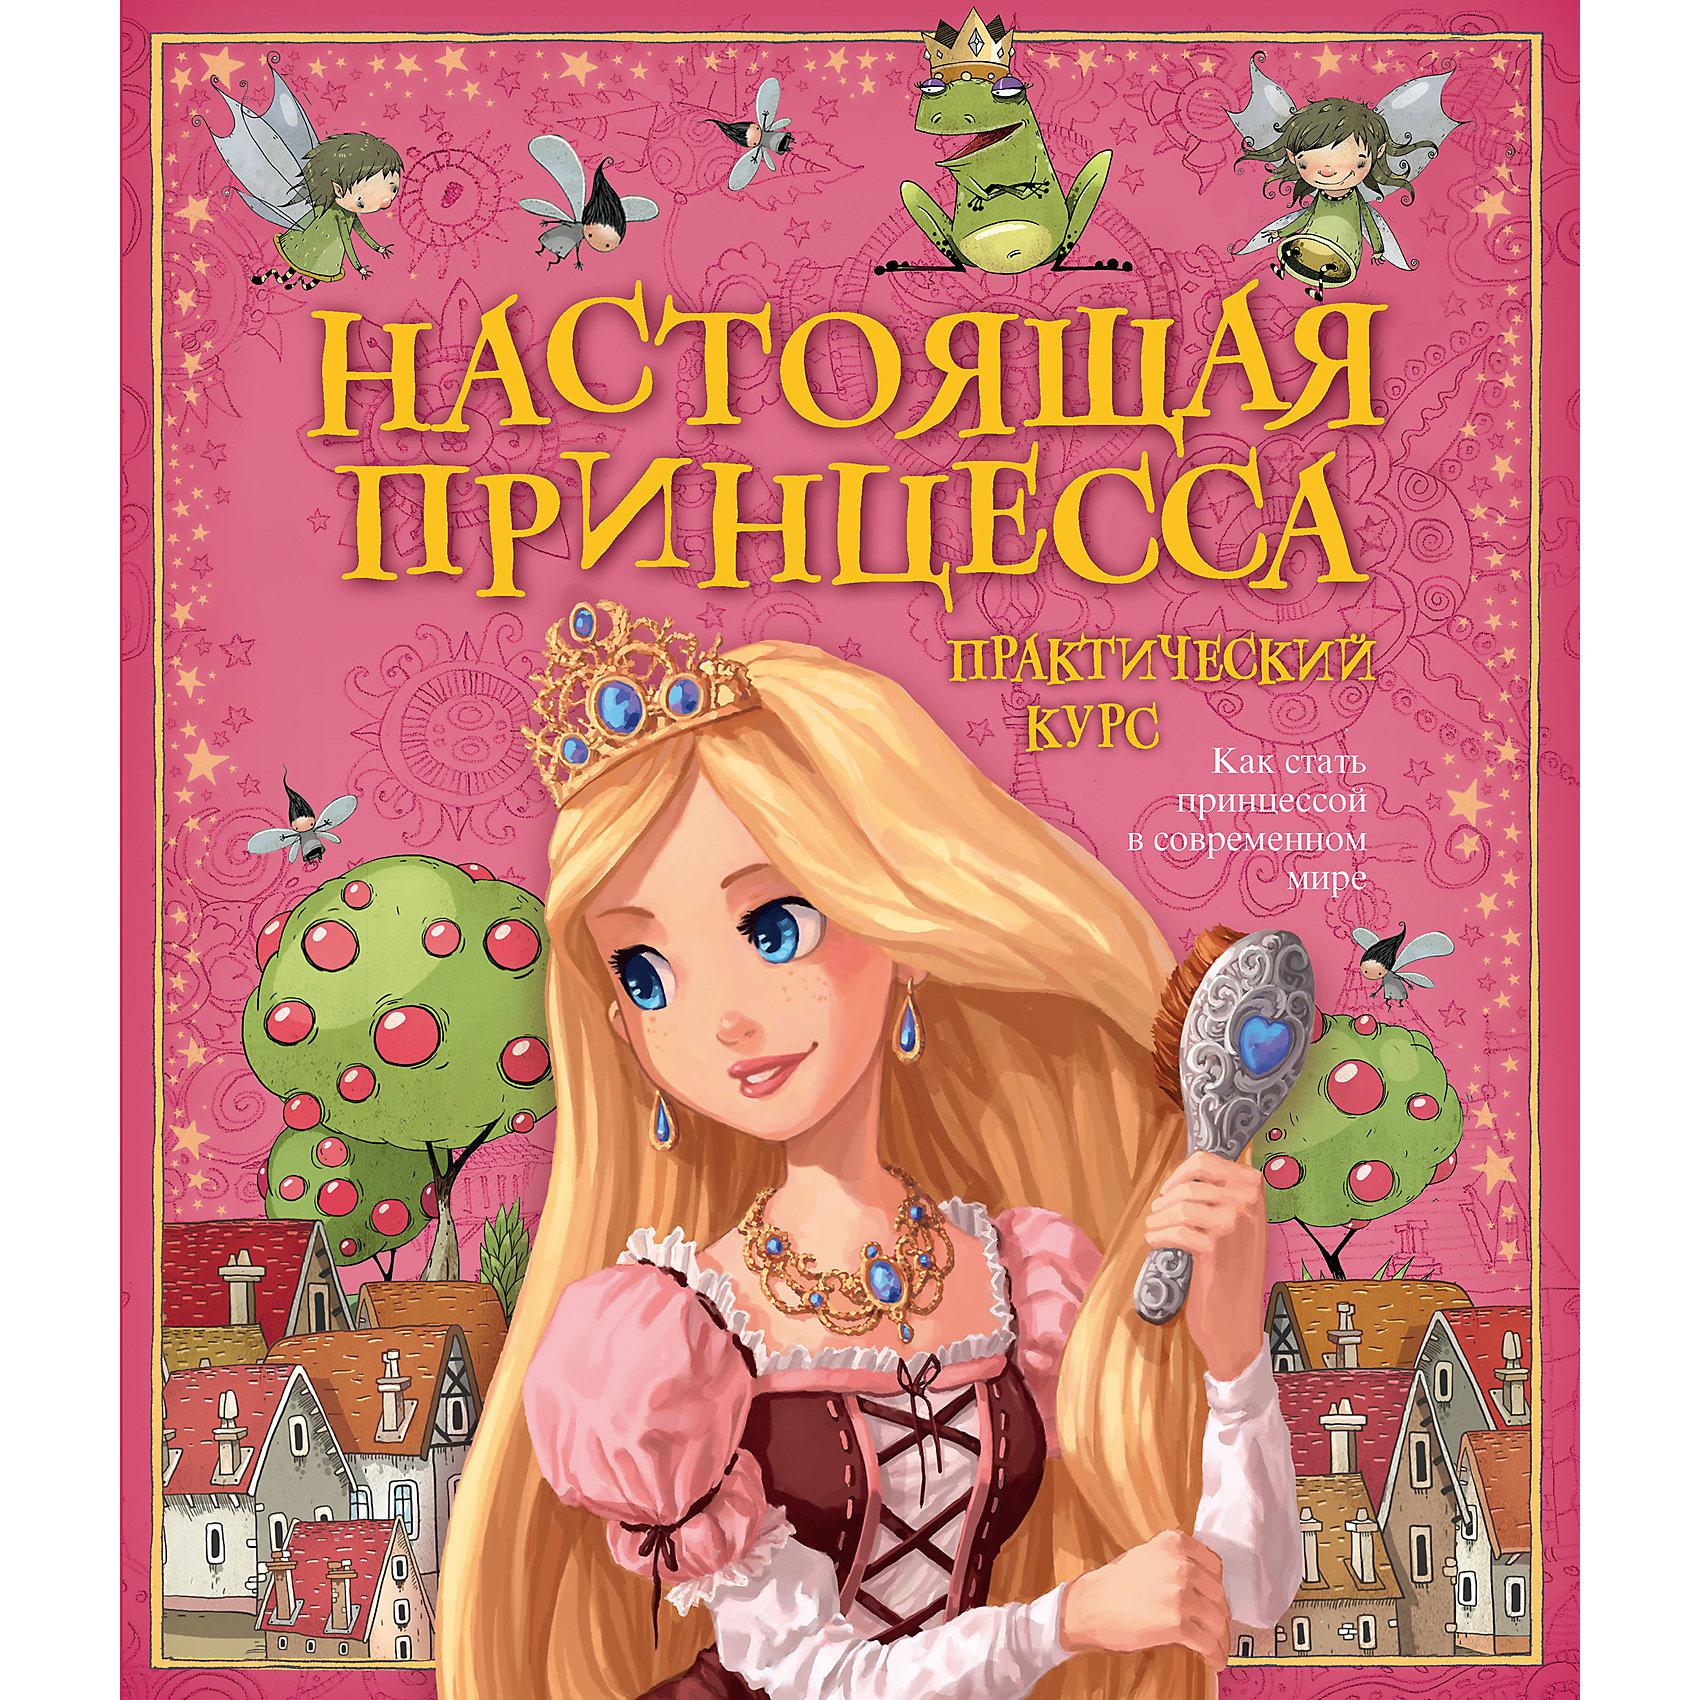 Настоящая принцесса, практический курсМахаон<br>Хочешь стать настоящей принцессой?<br>Тогда хватит мечтать!<br>Берись за дело и начинай учиться!<br><br>Прочитай эту увлекательную книгу, и ты узнаешь о том, какие бывают принцессы, сколько опасностей подстерегает их в современном мире, а главное, что делают и как ведут себя настоящие принцессы, чтобы выглядеть по-королевски.<br><br>Ширина мм: 260<br>Глубина мм: 295<br>Высота мм: 400<br>Вес г: 636<br>Возраст от месяцев: 132<br>Возраст до месяцев: 168<br>Пол: Женский<br>Возраст: Детский<br>SKU: 4818101